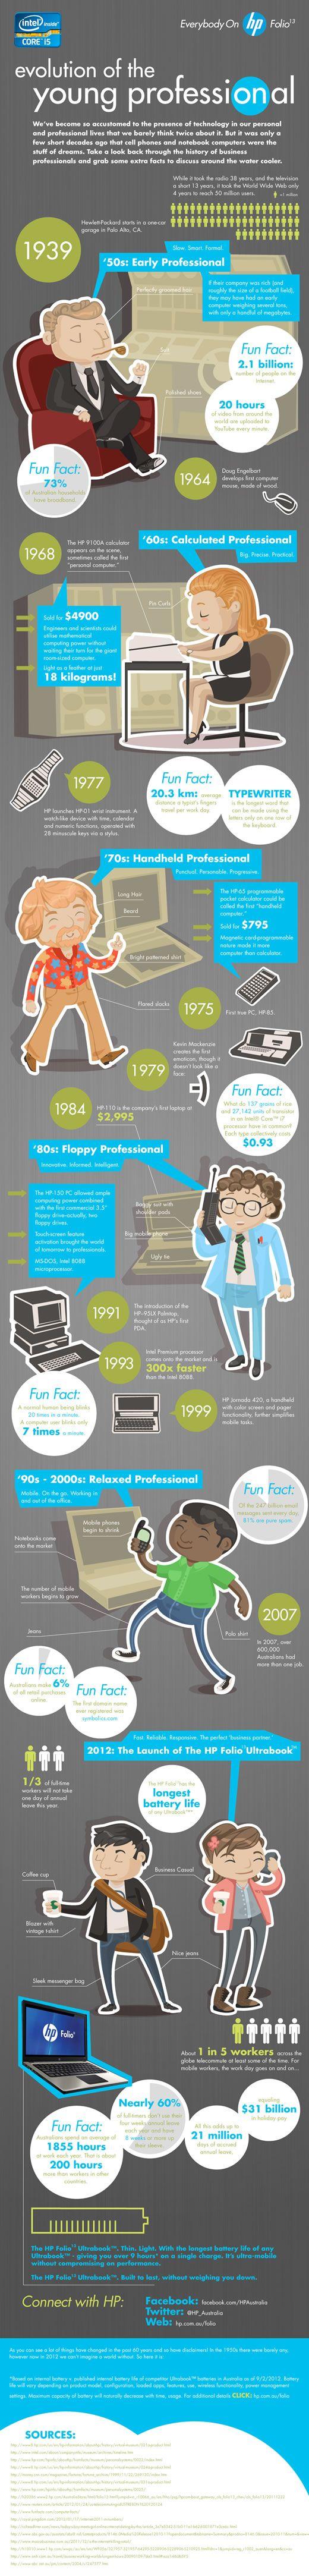 Cómo ha sido la evolución de los profesionales de mano con los cambios tecnológicos.